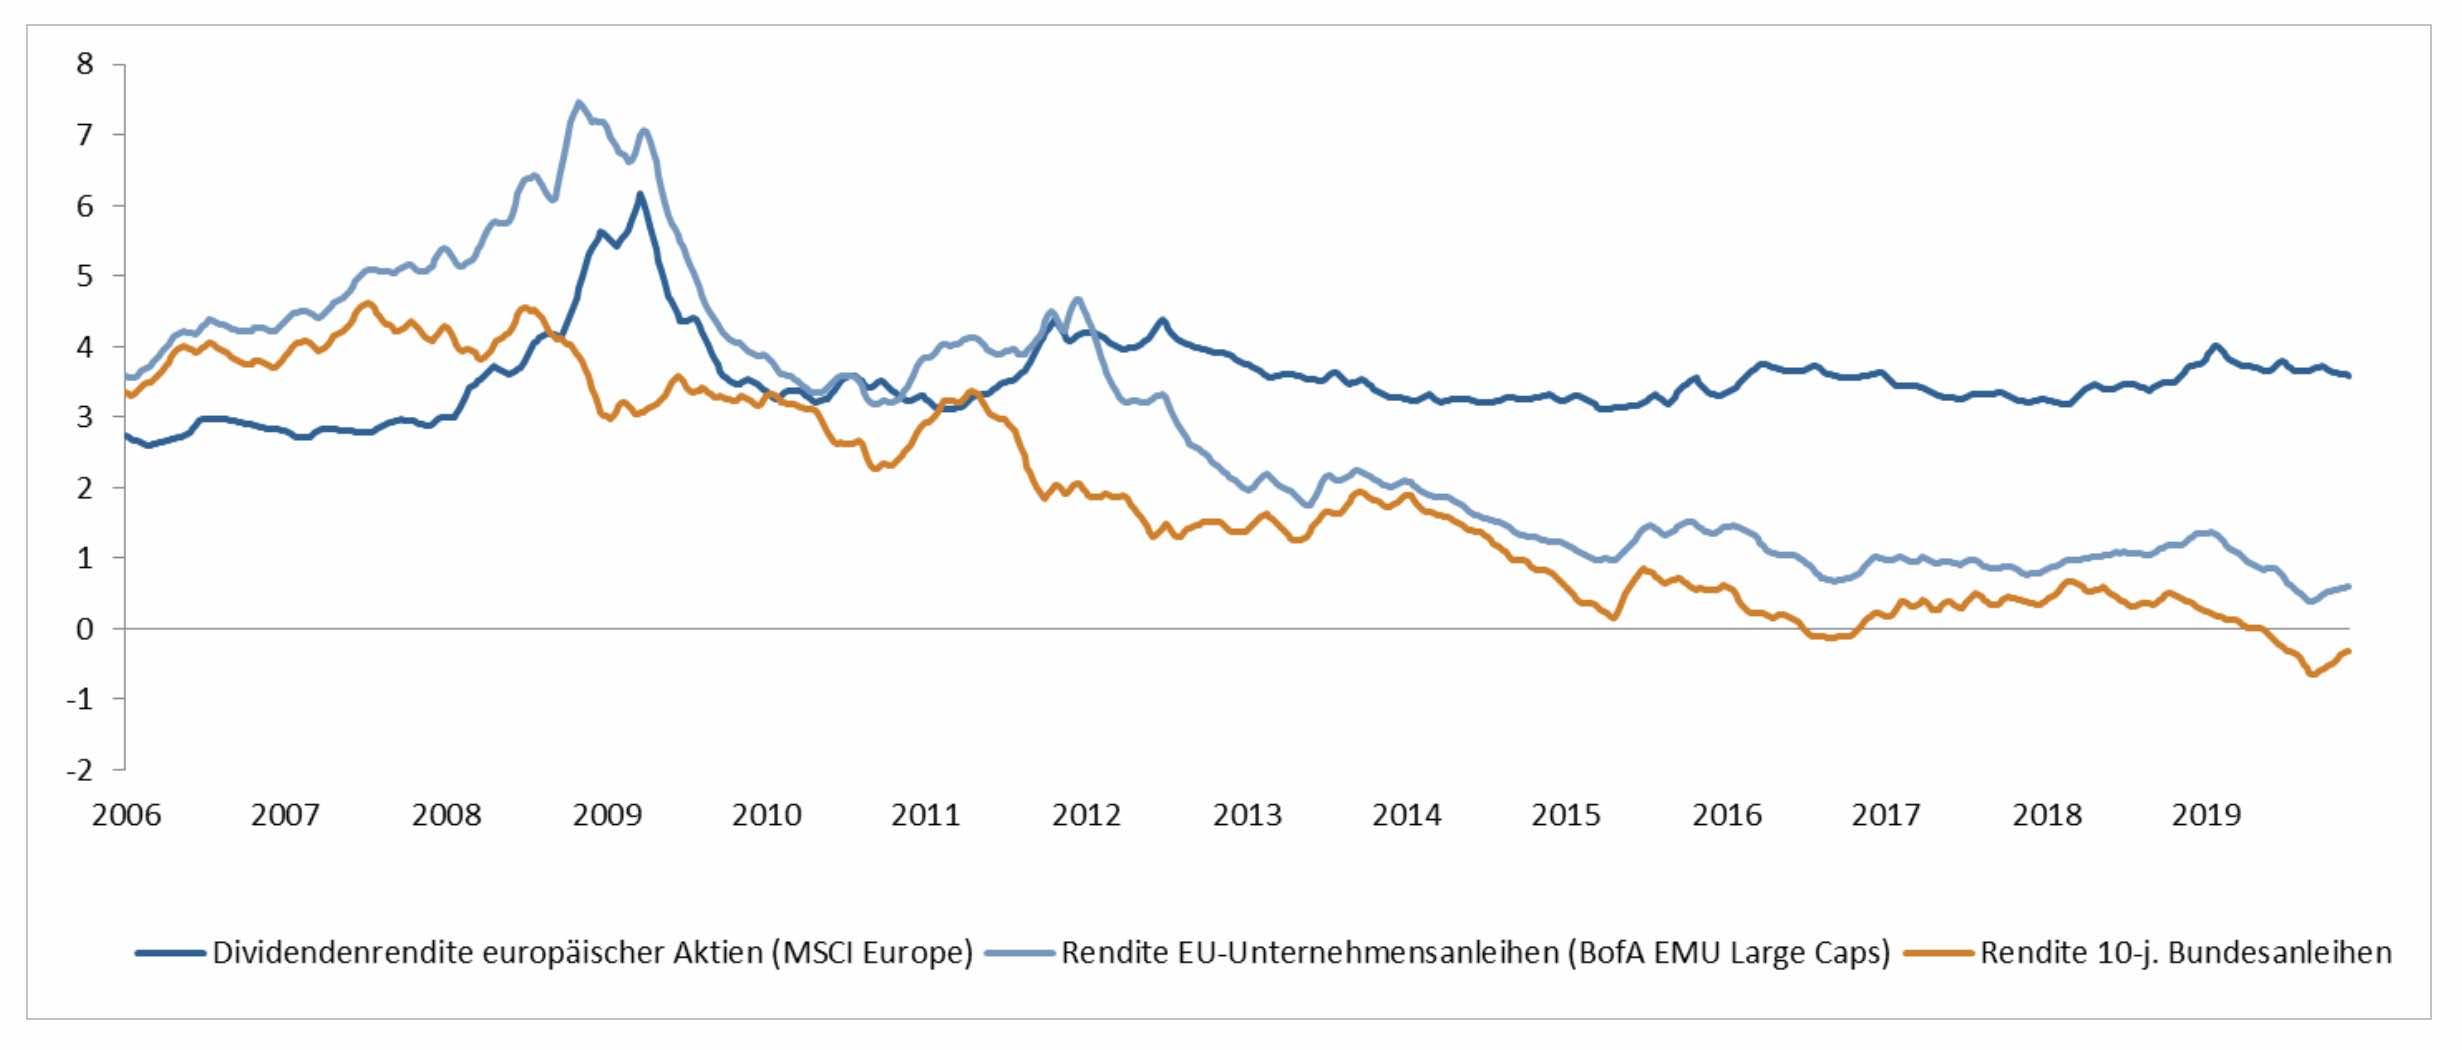 Dividendenrenditen europäischer Konzerne & Renditen von Bundes- und Unternehmensanleihen